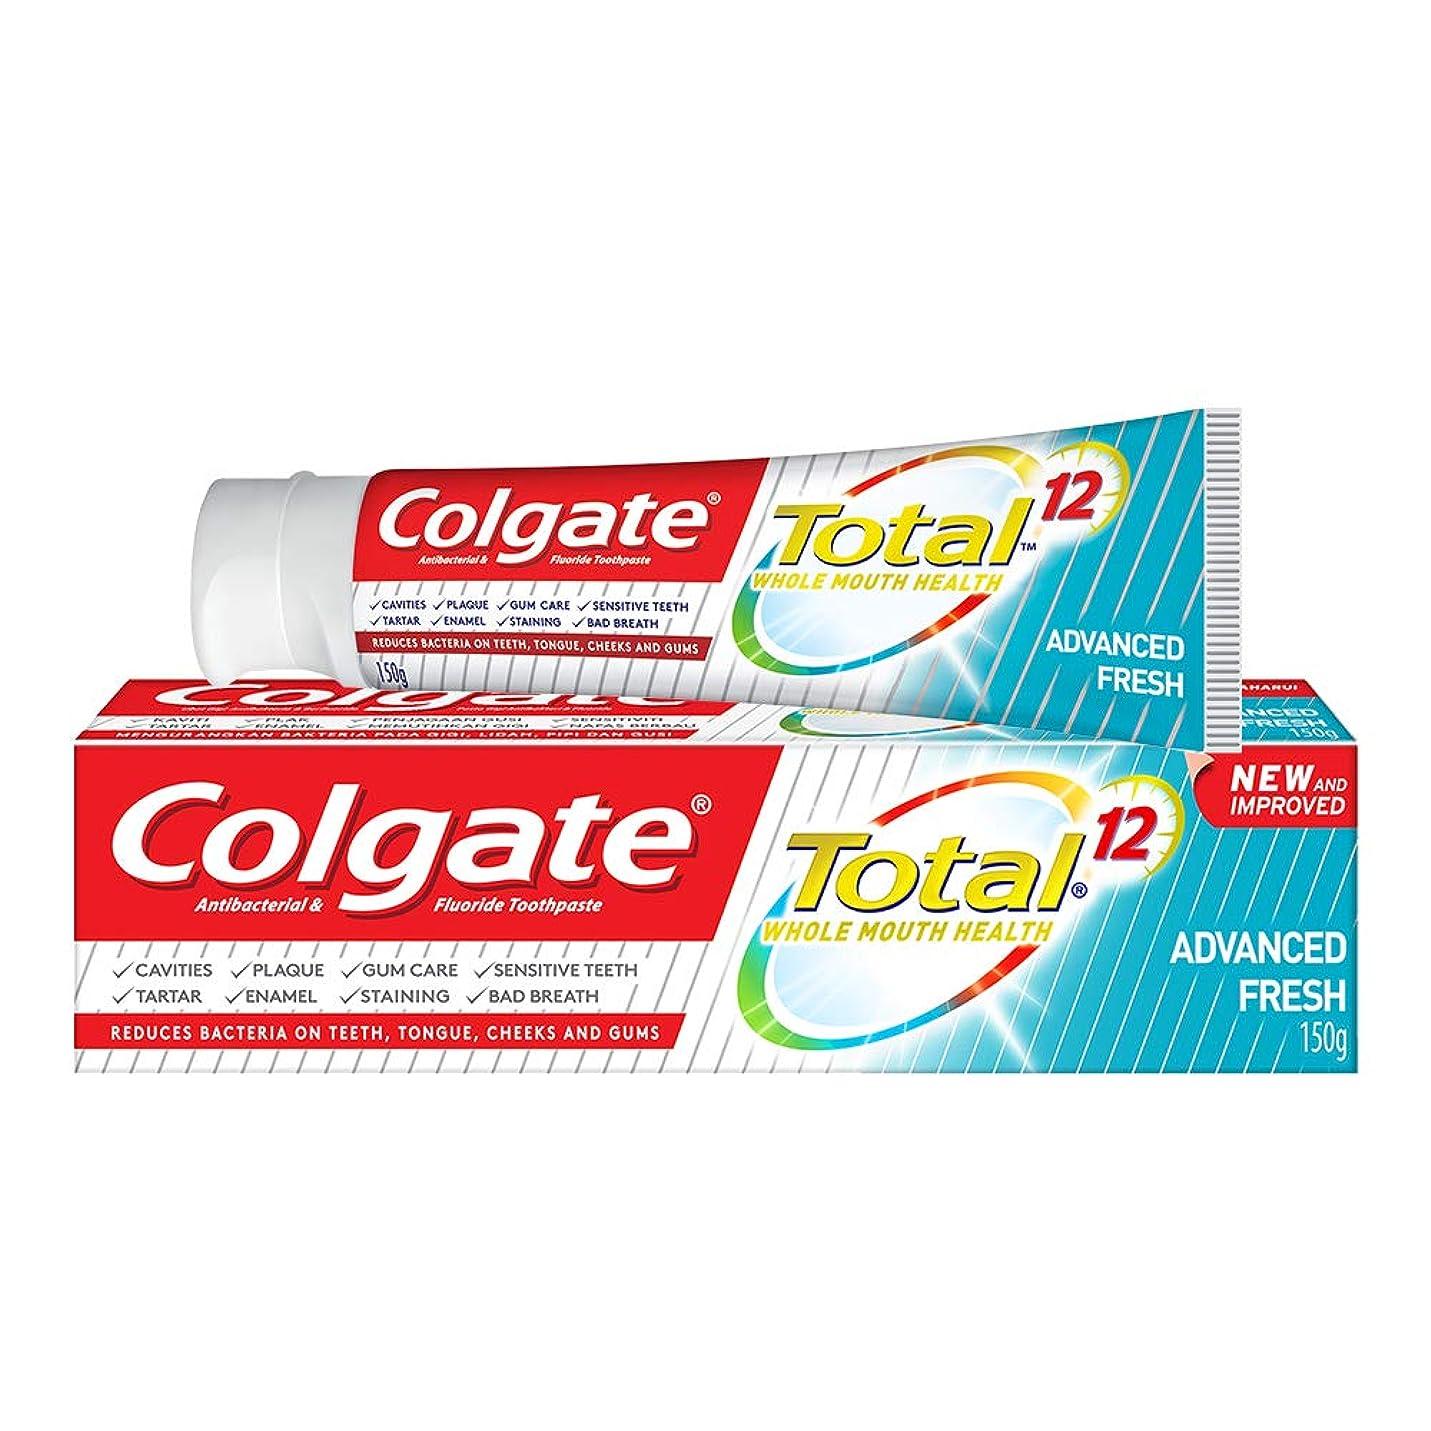 くま親指厚さColgate コルゲート トータル トゥースペースト 150g (歯磨き粉) 【歯磨き粉、虫歯予防、アメリカン雑貨】